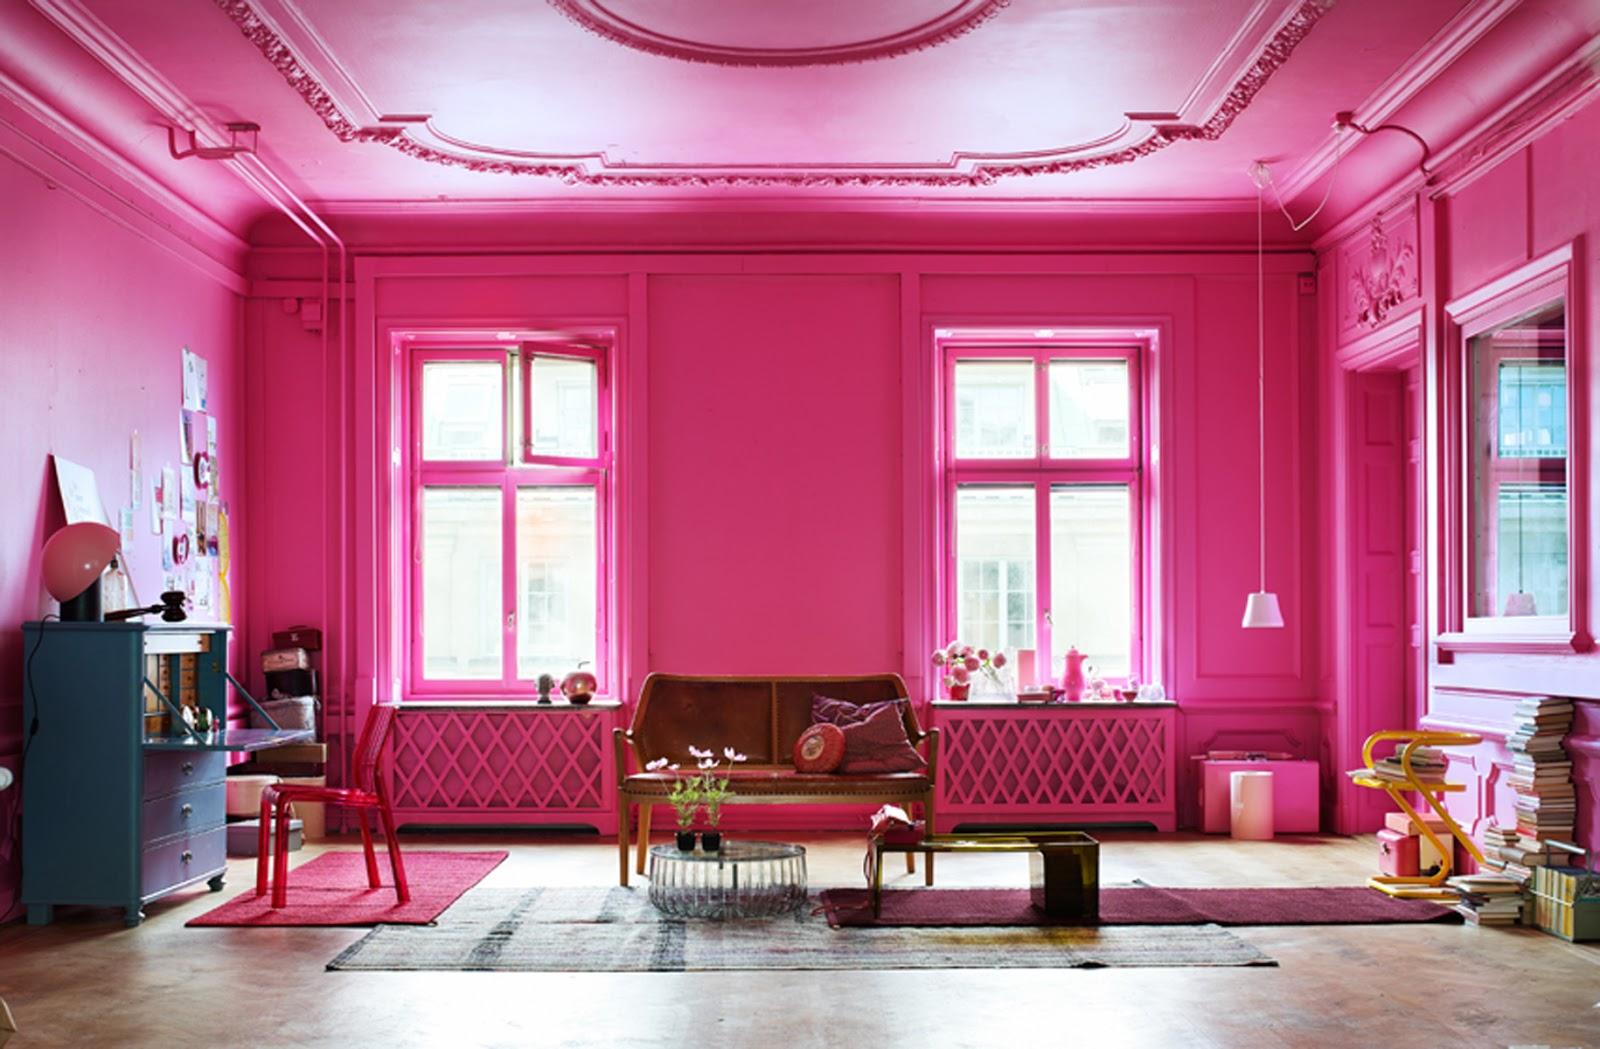 Fokus på färg: Rosa